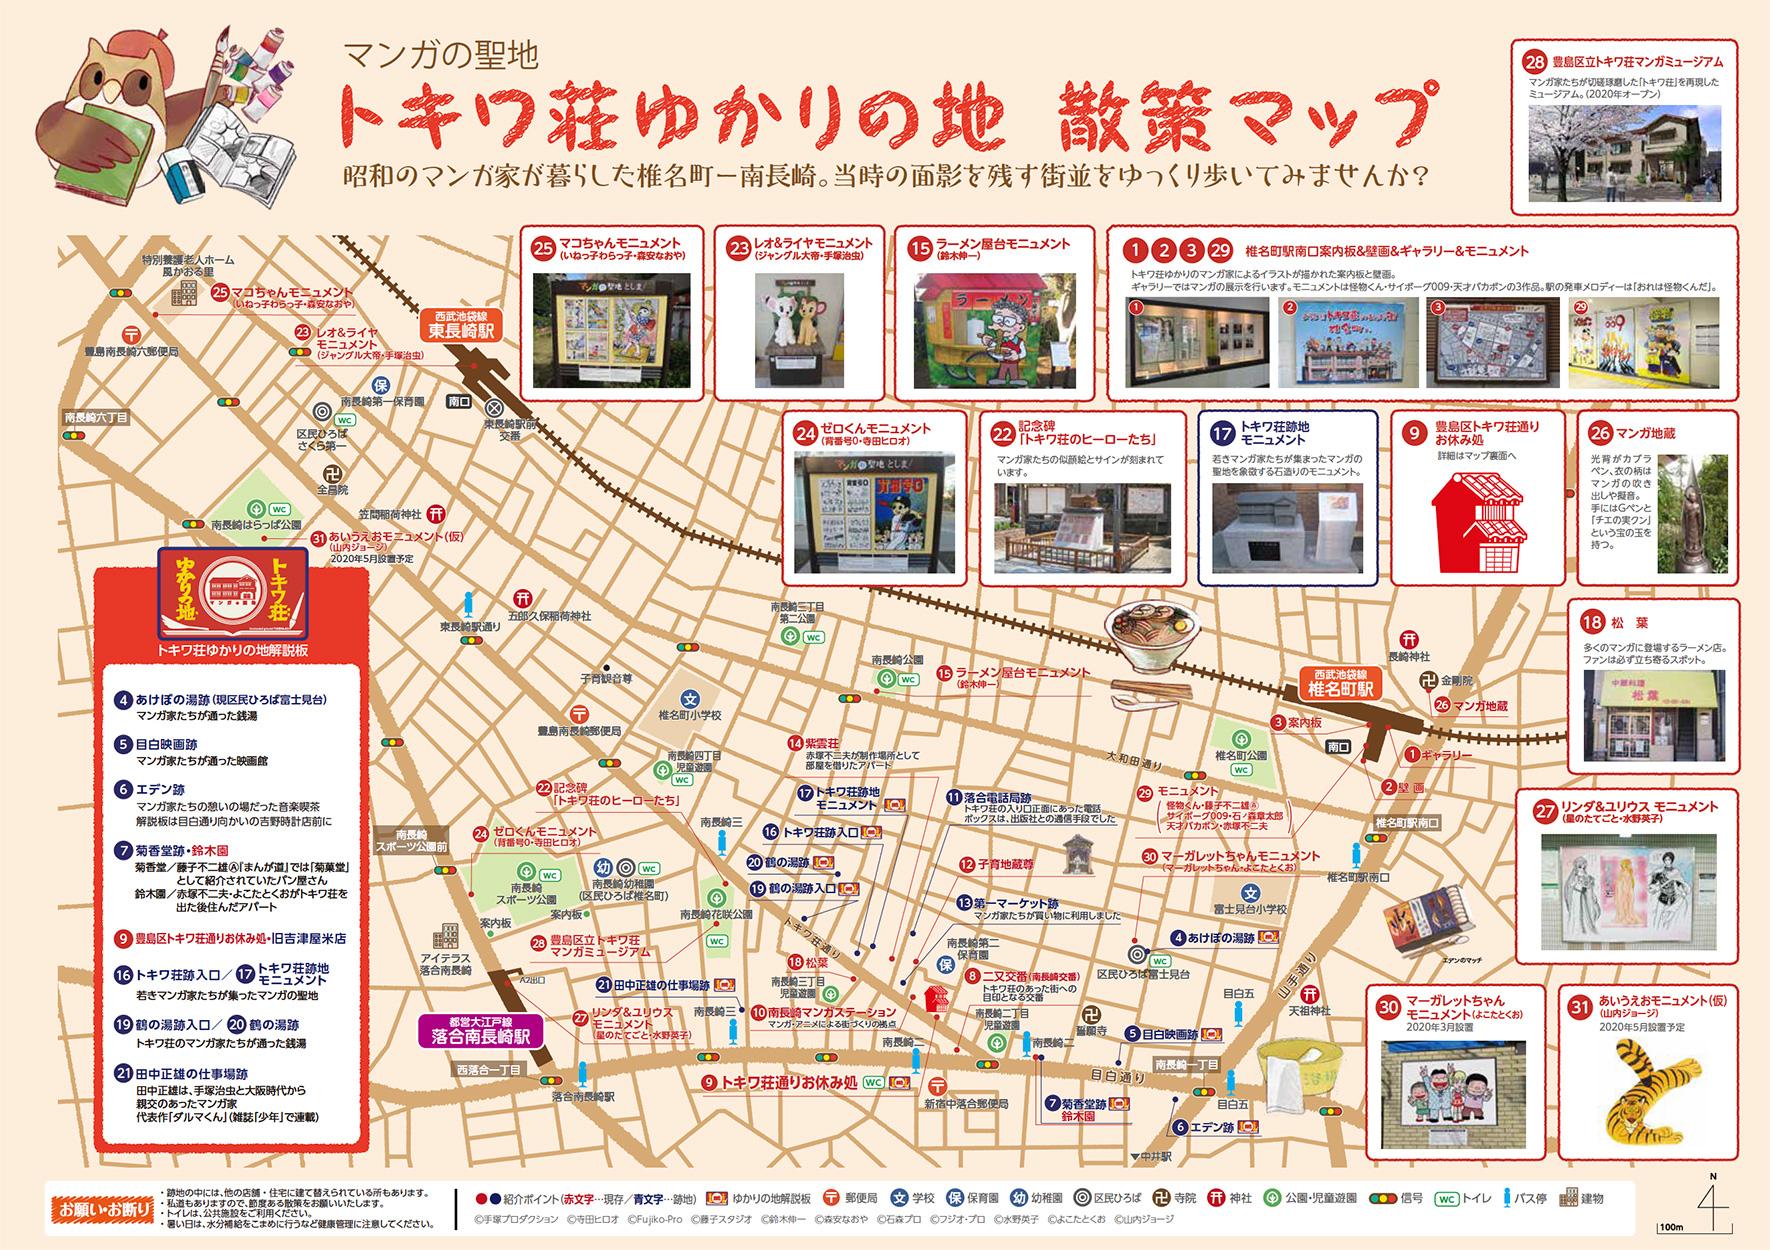 トキワ荘ゆかりの地 散策マップ